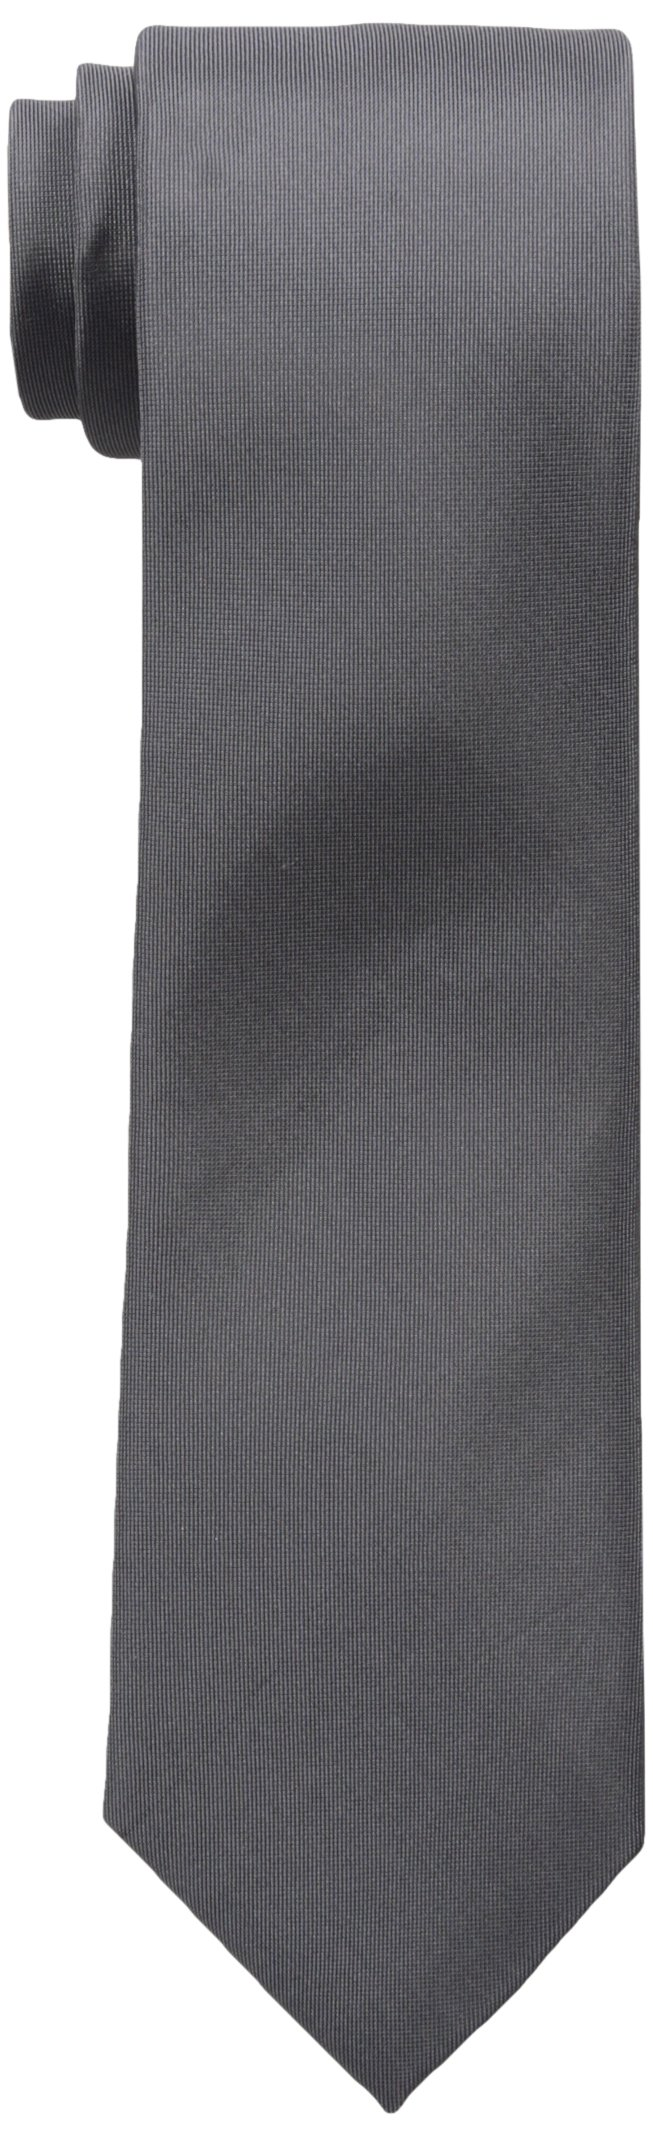 Calvin Klein Men's X Liquid Luxe Solid Necktie, Charcoal, One Size